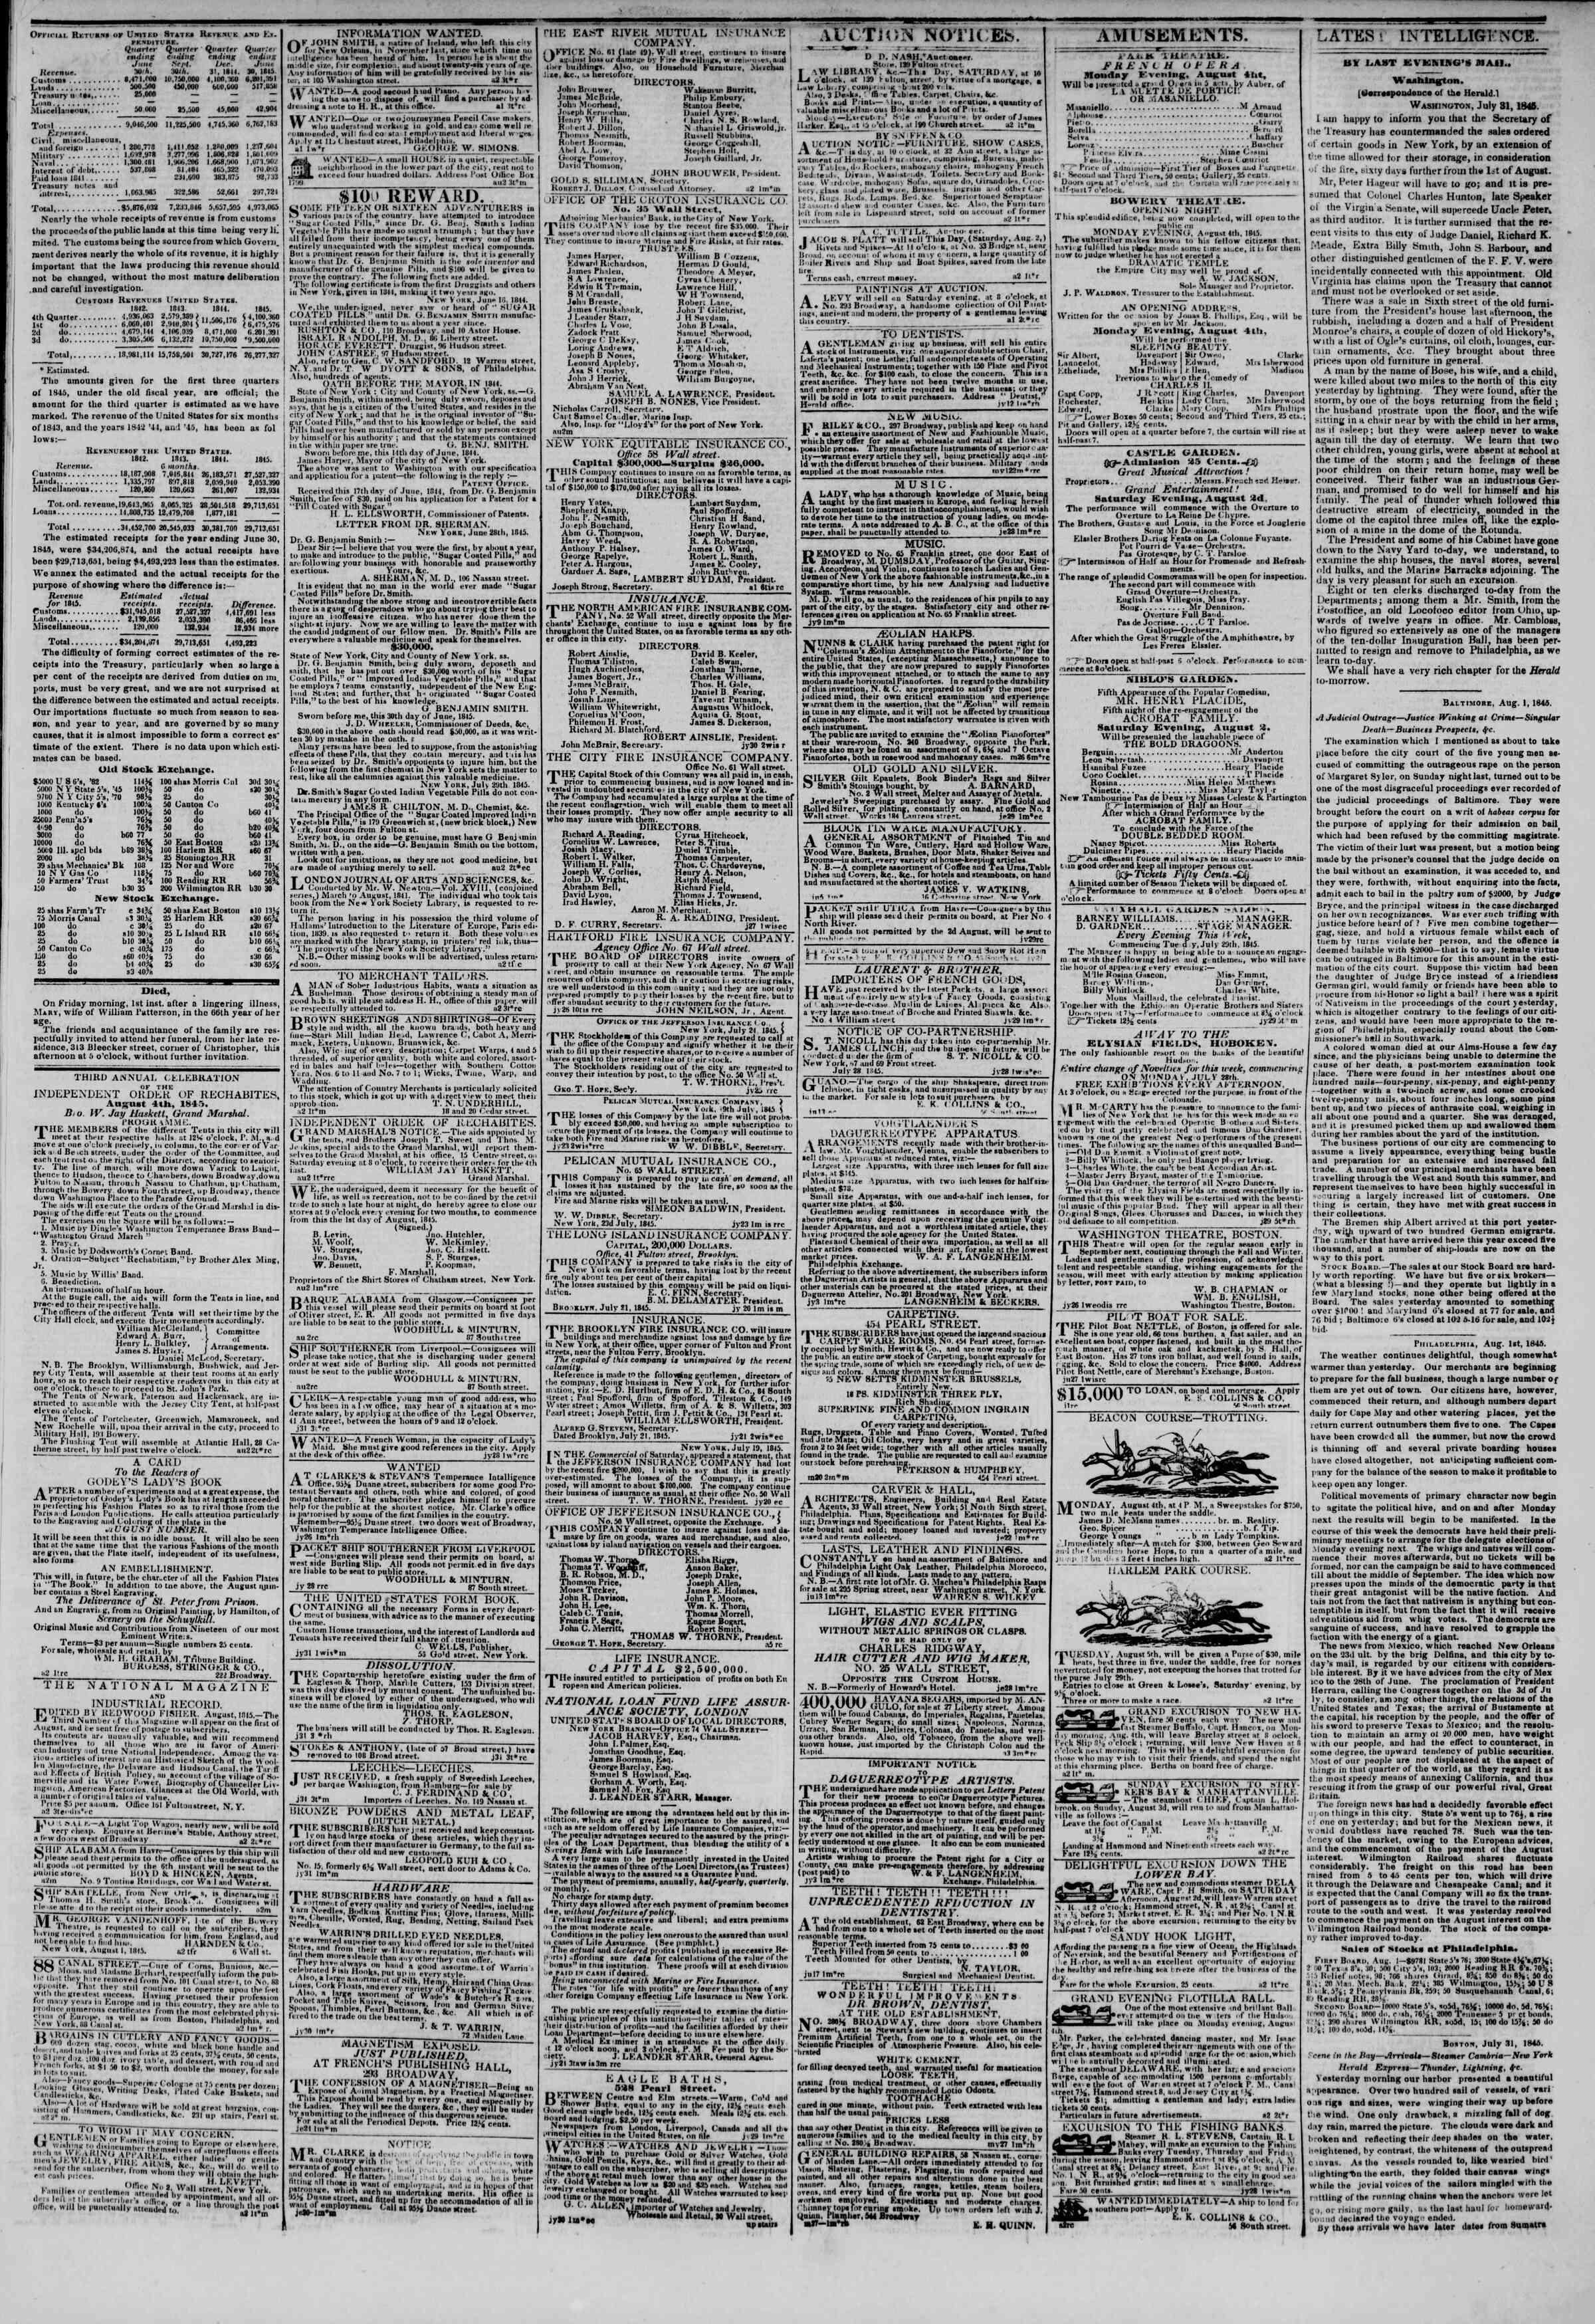 August 2, 1845 Tarihli The New York Herald Gazetesi Sayfa 3